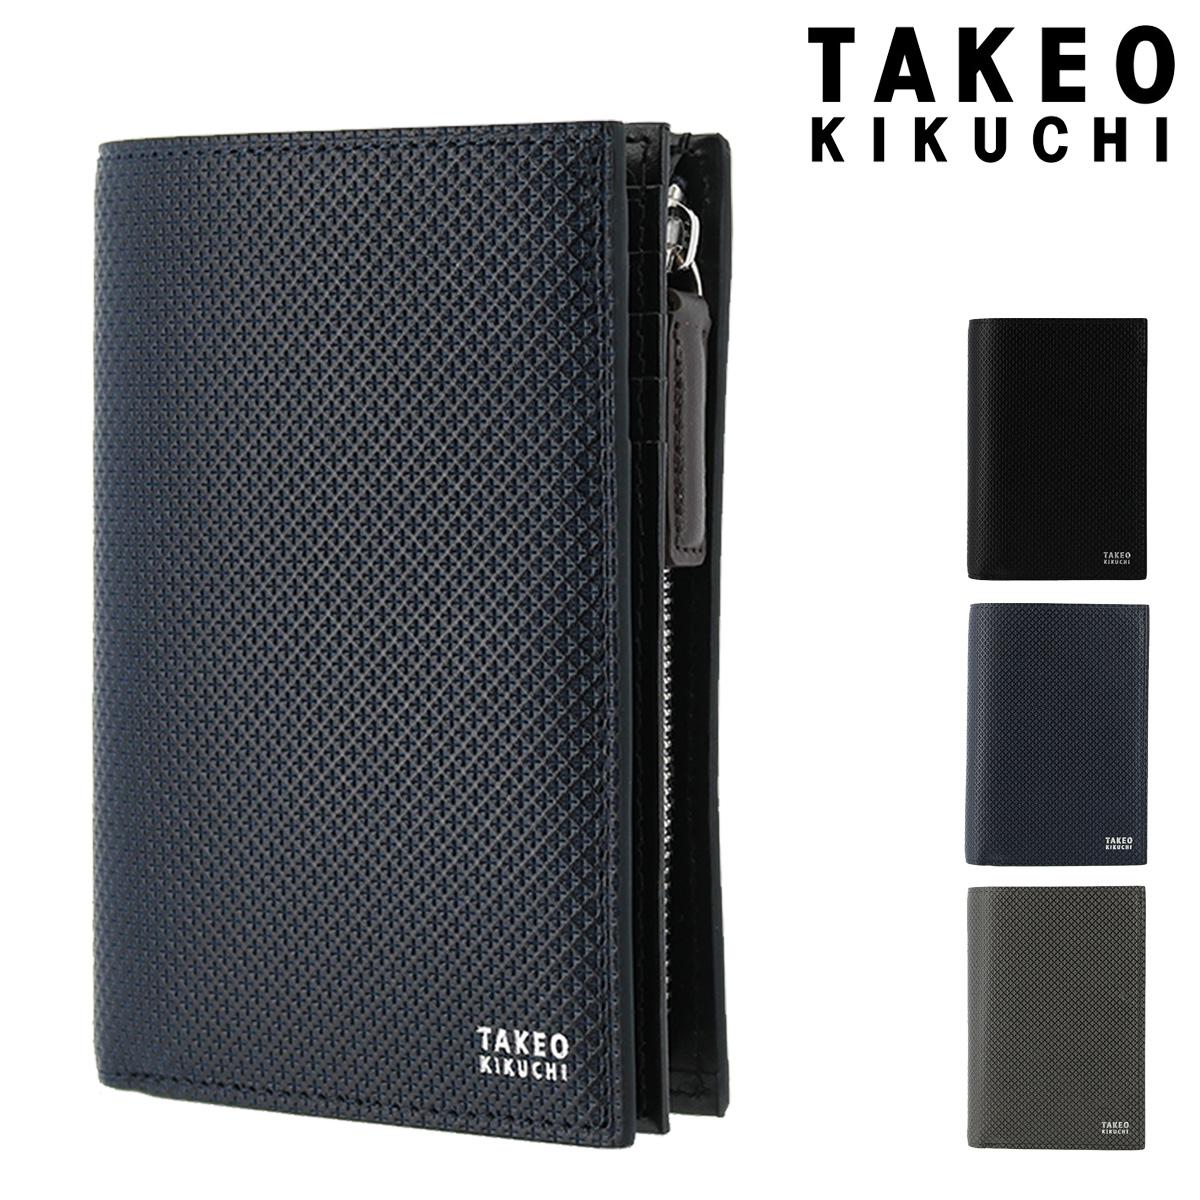 タケオキクチ 二つ折り財布 L字ファスナー バース メンズ 706625 TAKEO KIKUCHI   本革 レザー[bef][PO5][即日発送]